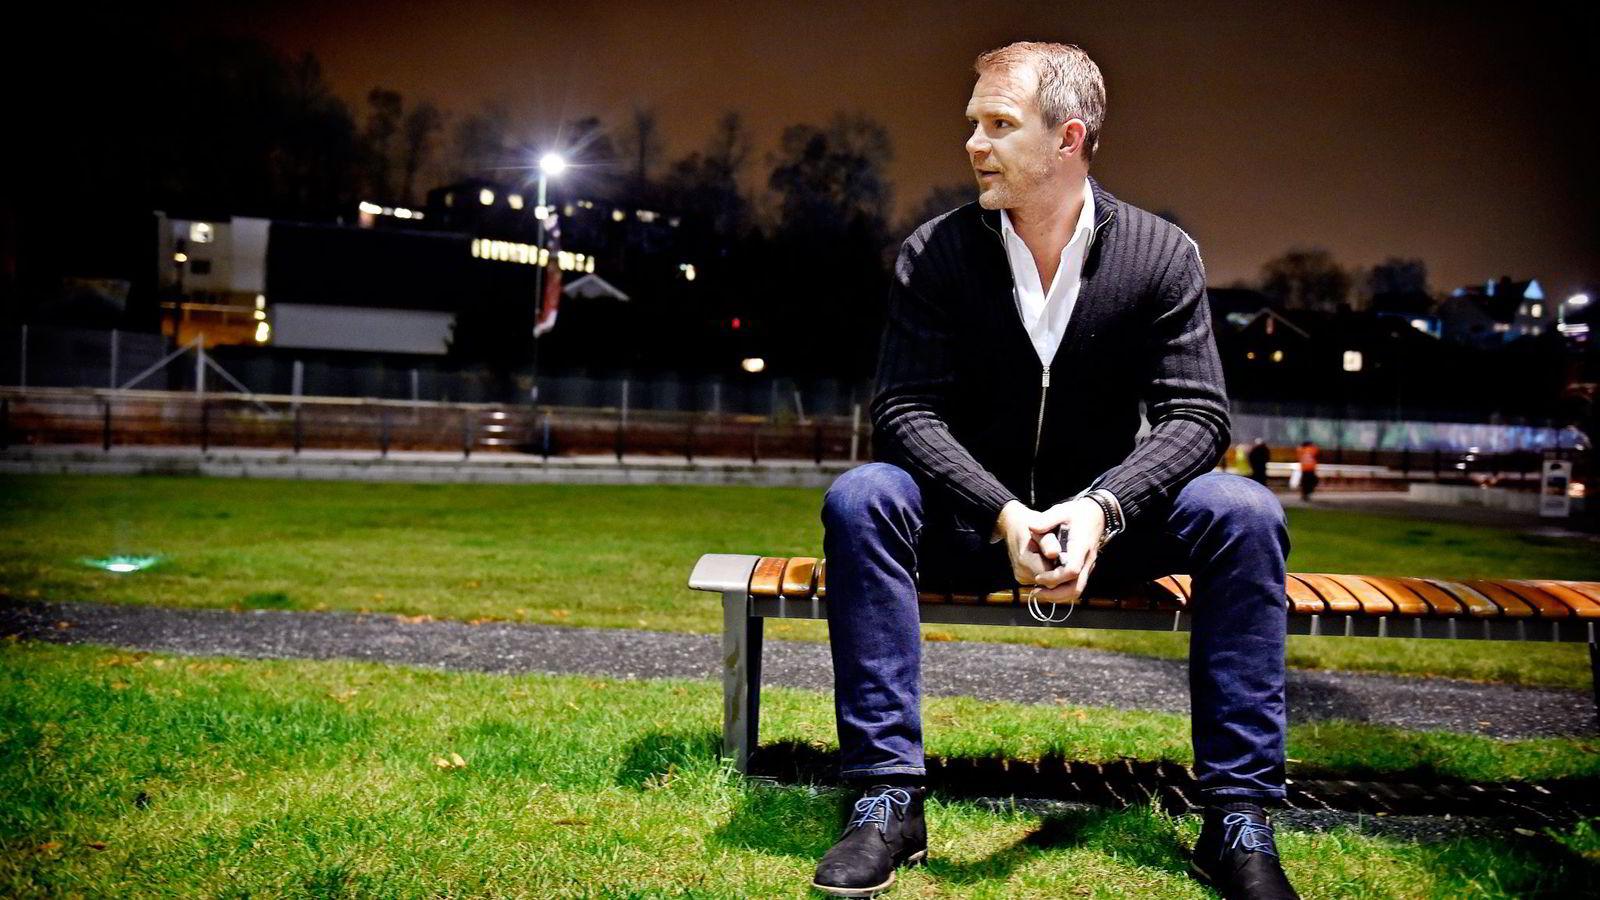 Fotballagent Jim Solbakken har nesten ikke omsetning i Norge, men selger spillere til tyske og engelske klubber. Foto: Bjørn S. Delebekk, VG/NTB Scanpix